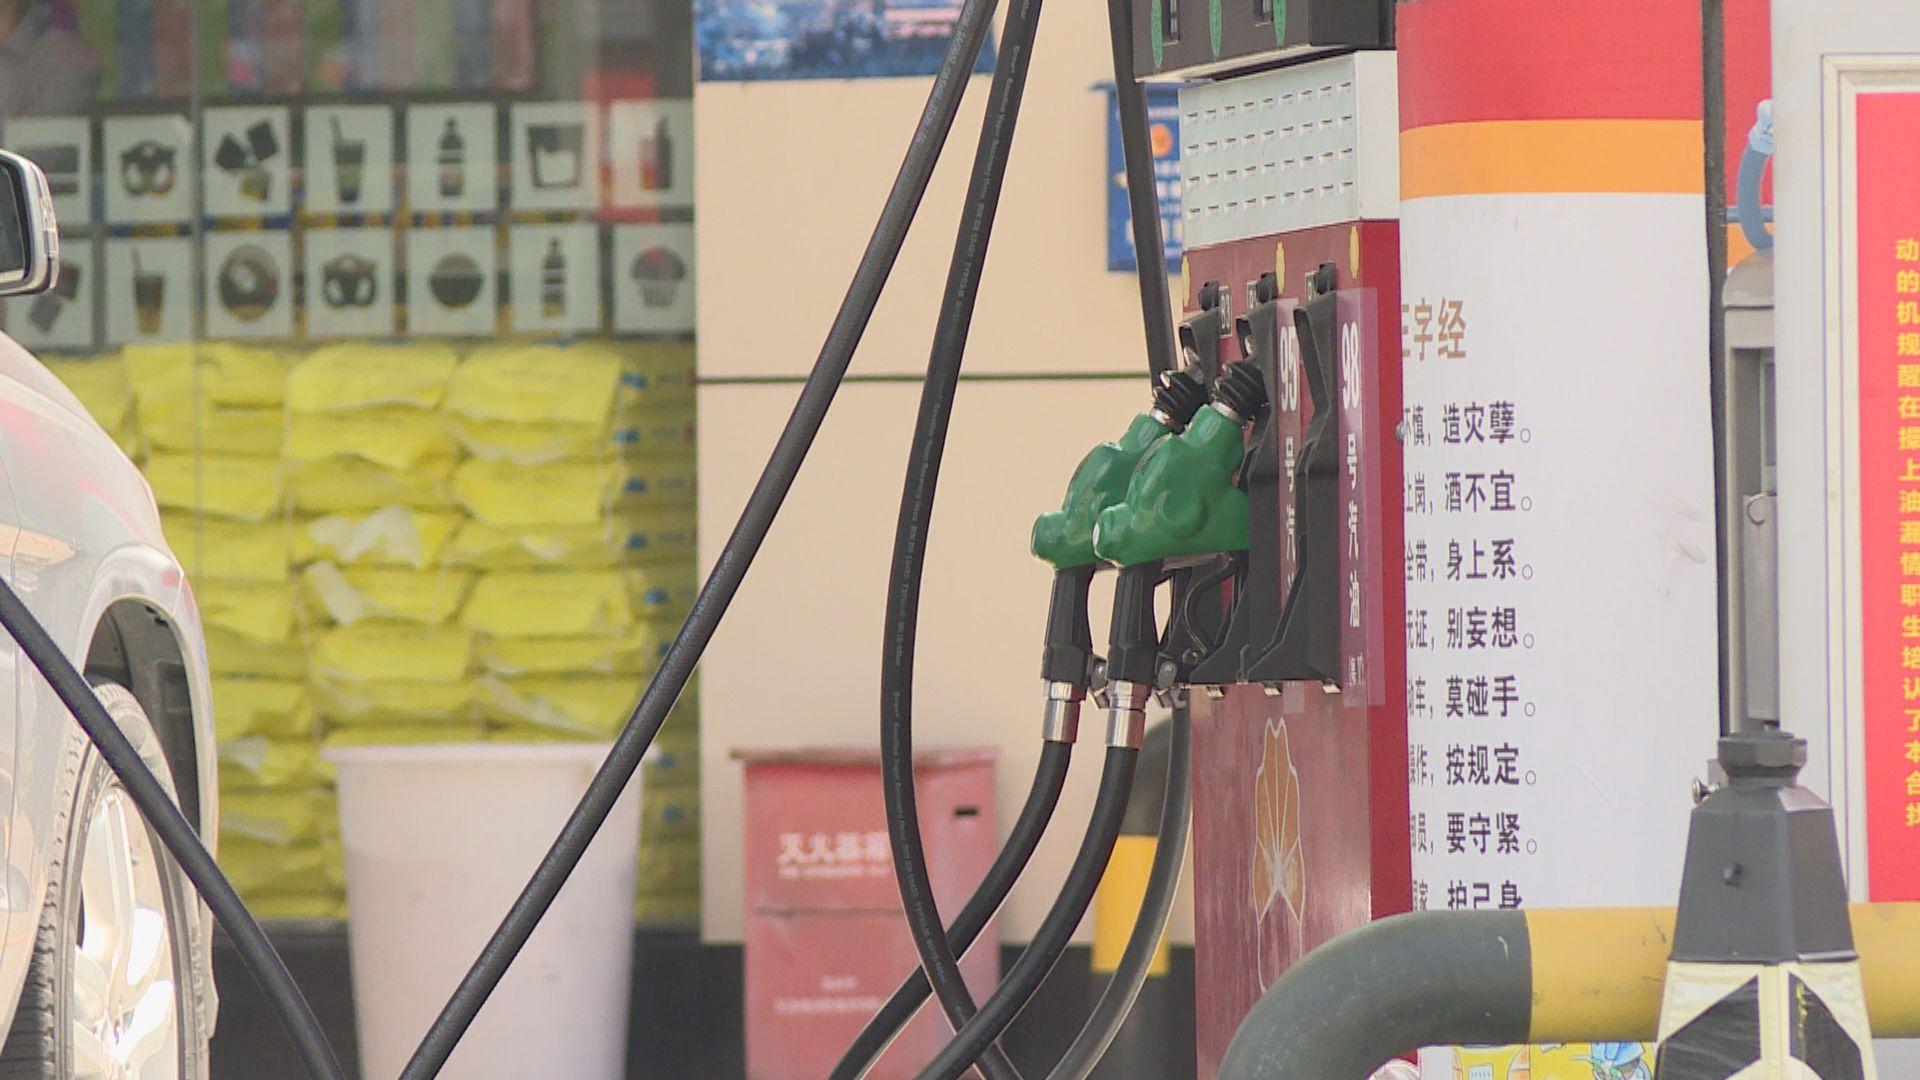 內地測試油站掃二維碼付款或致射頻火花 倡全國油站禁用